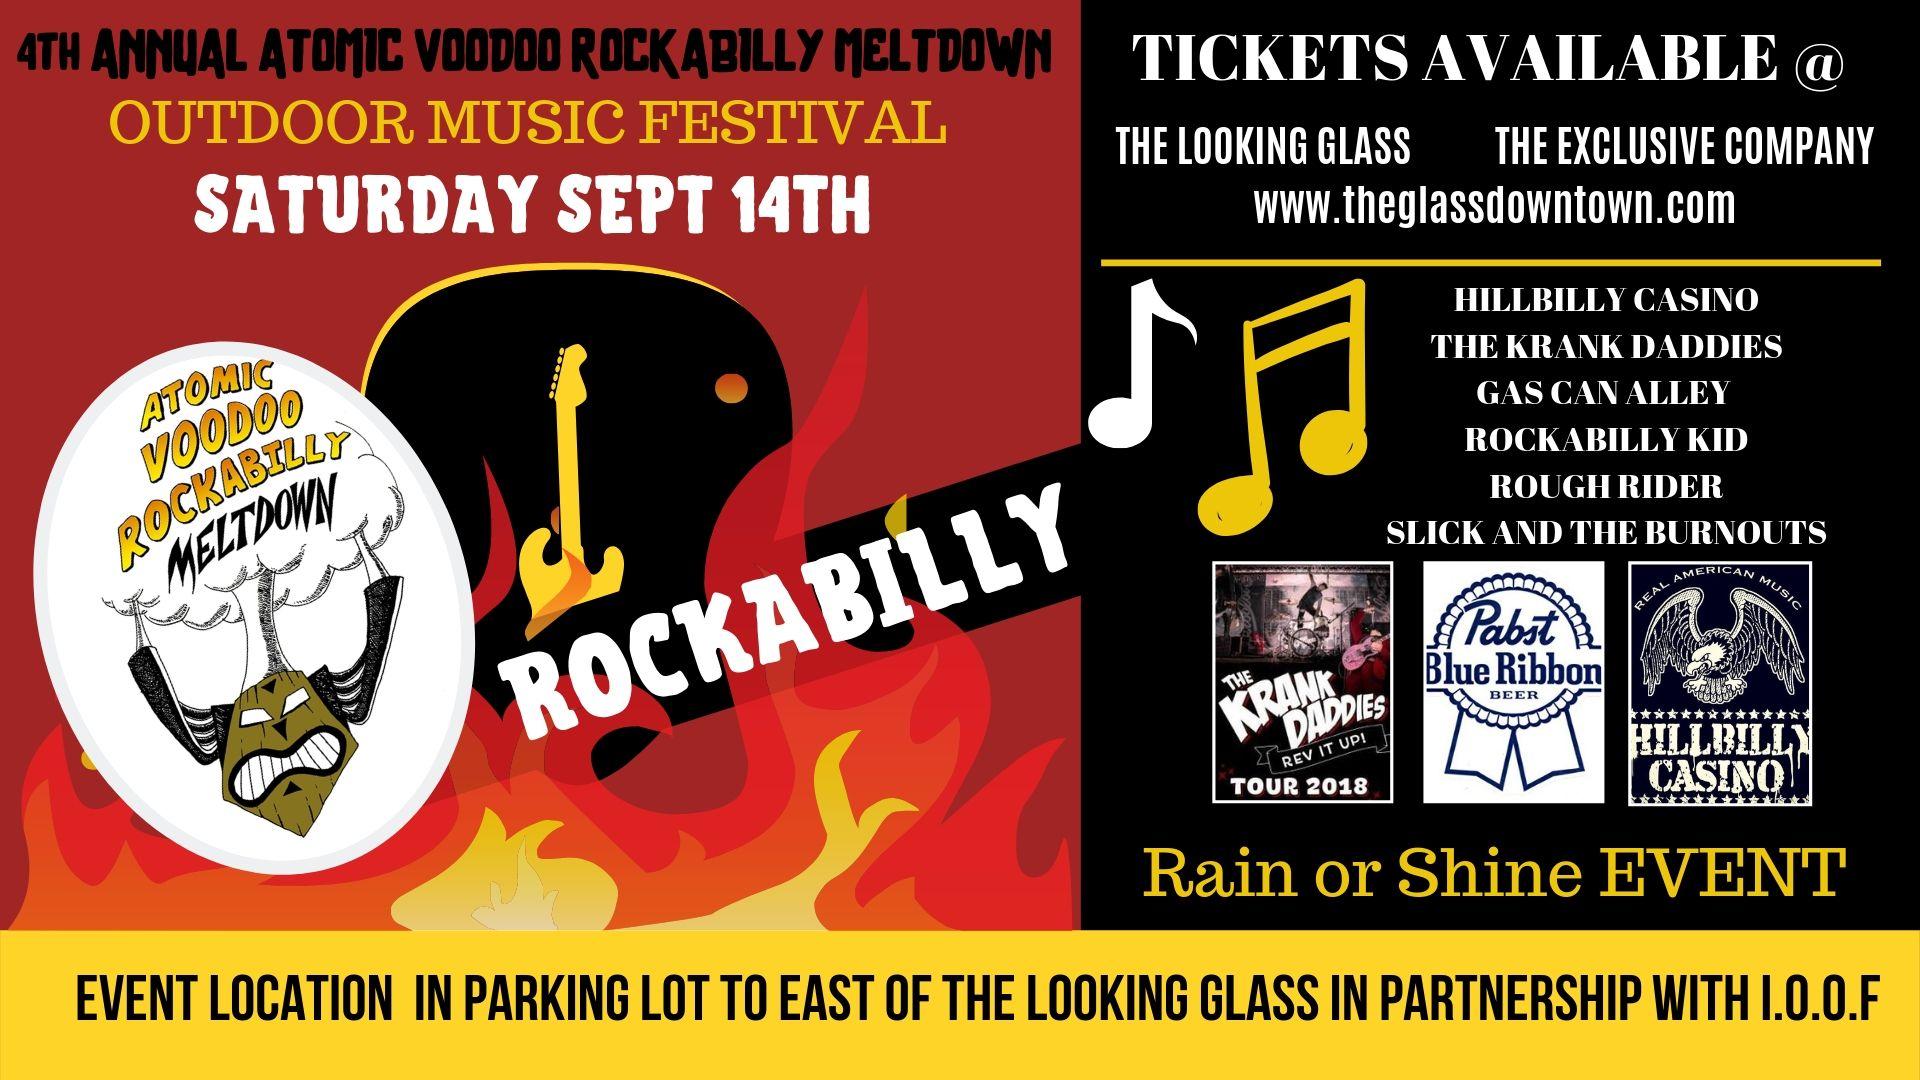 events-in-janesville-wi-bar-concert-atomic-voodoo-rockabilly-meltdown.jpg